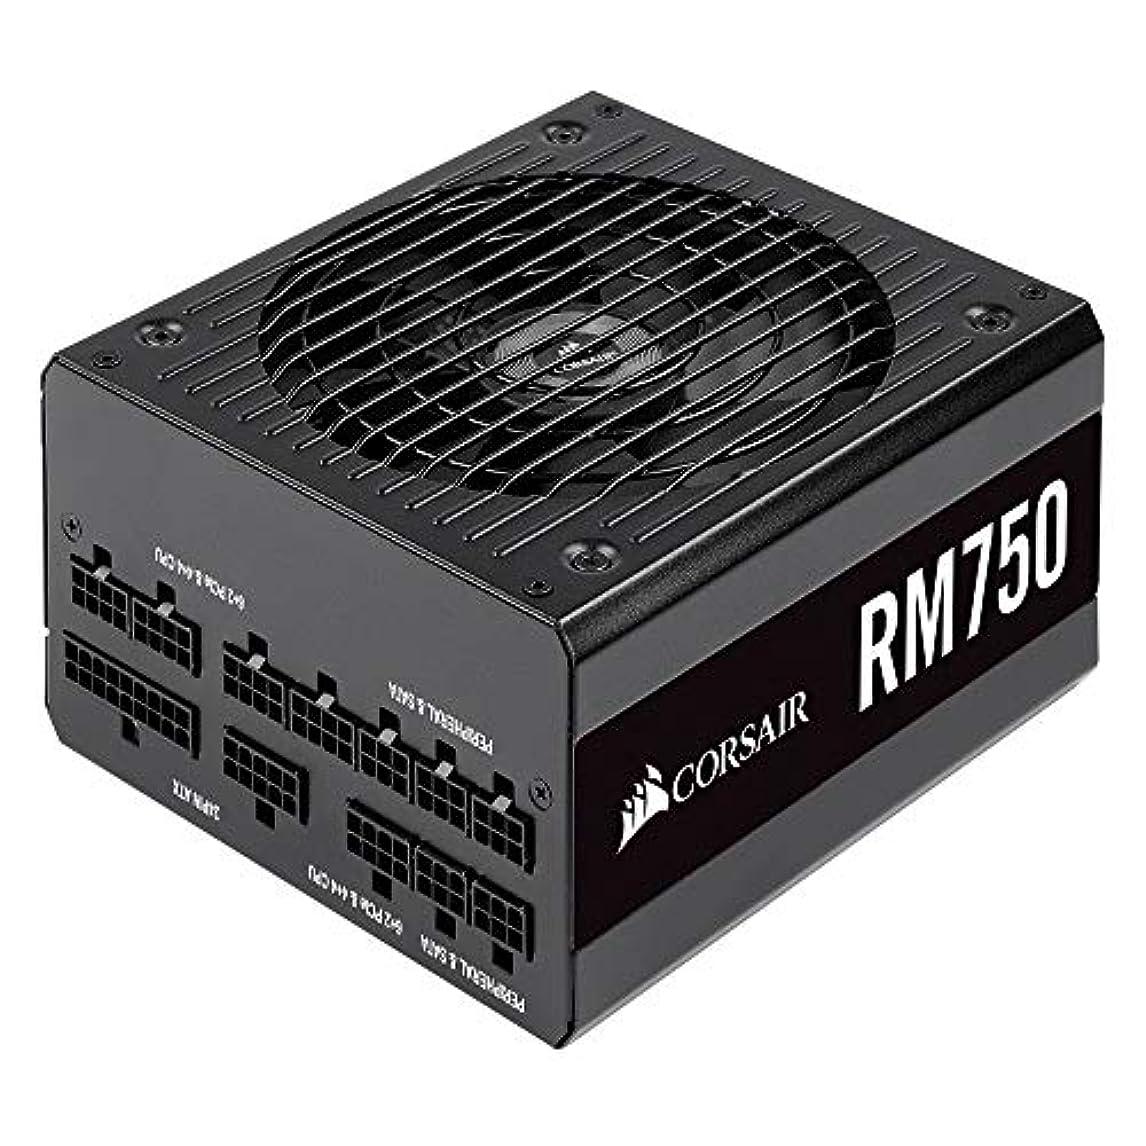 市の中心部したいそこCorsair RM750-2019- 750W PC電源ユニット 80PLUS GOLD PS862 CP-9020195-JP